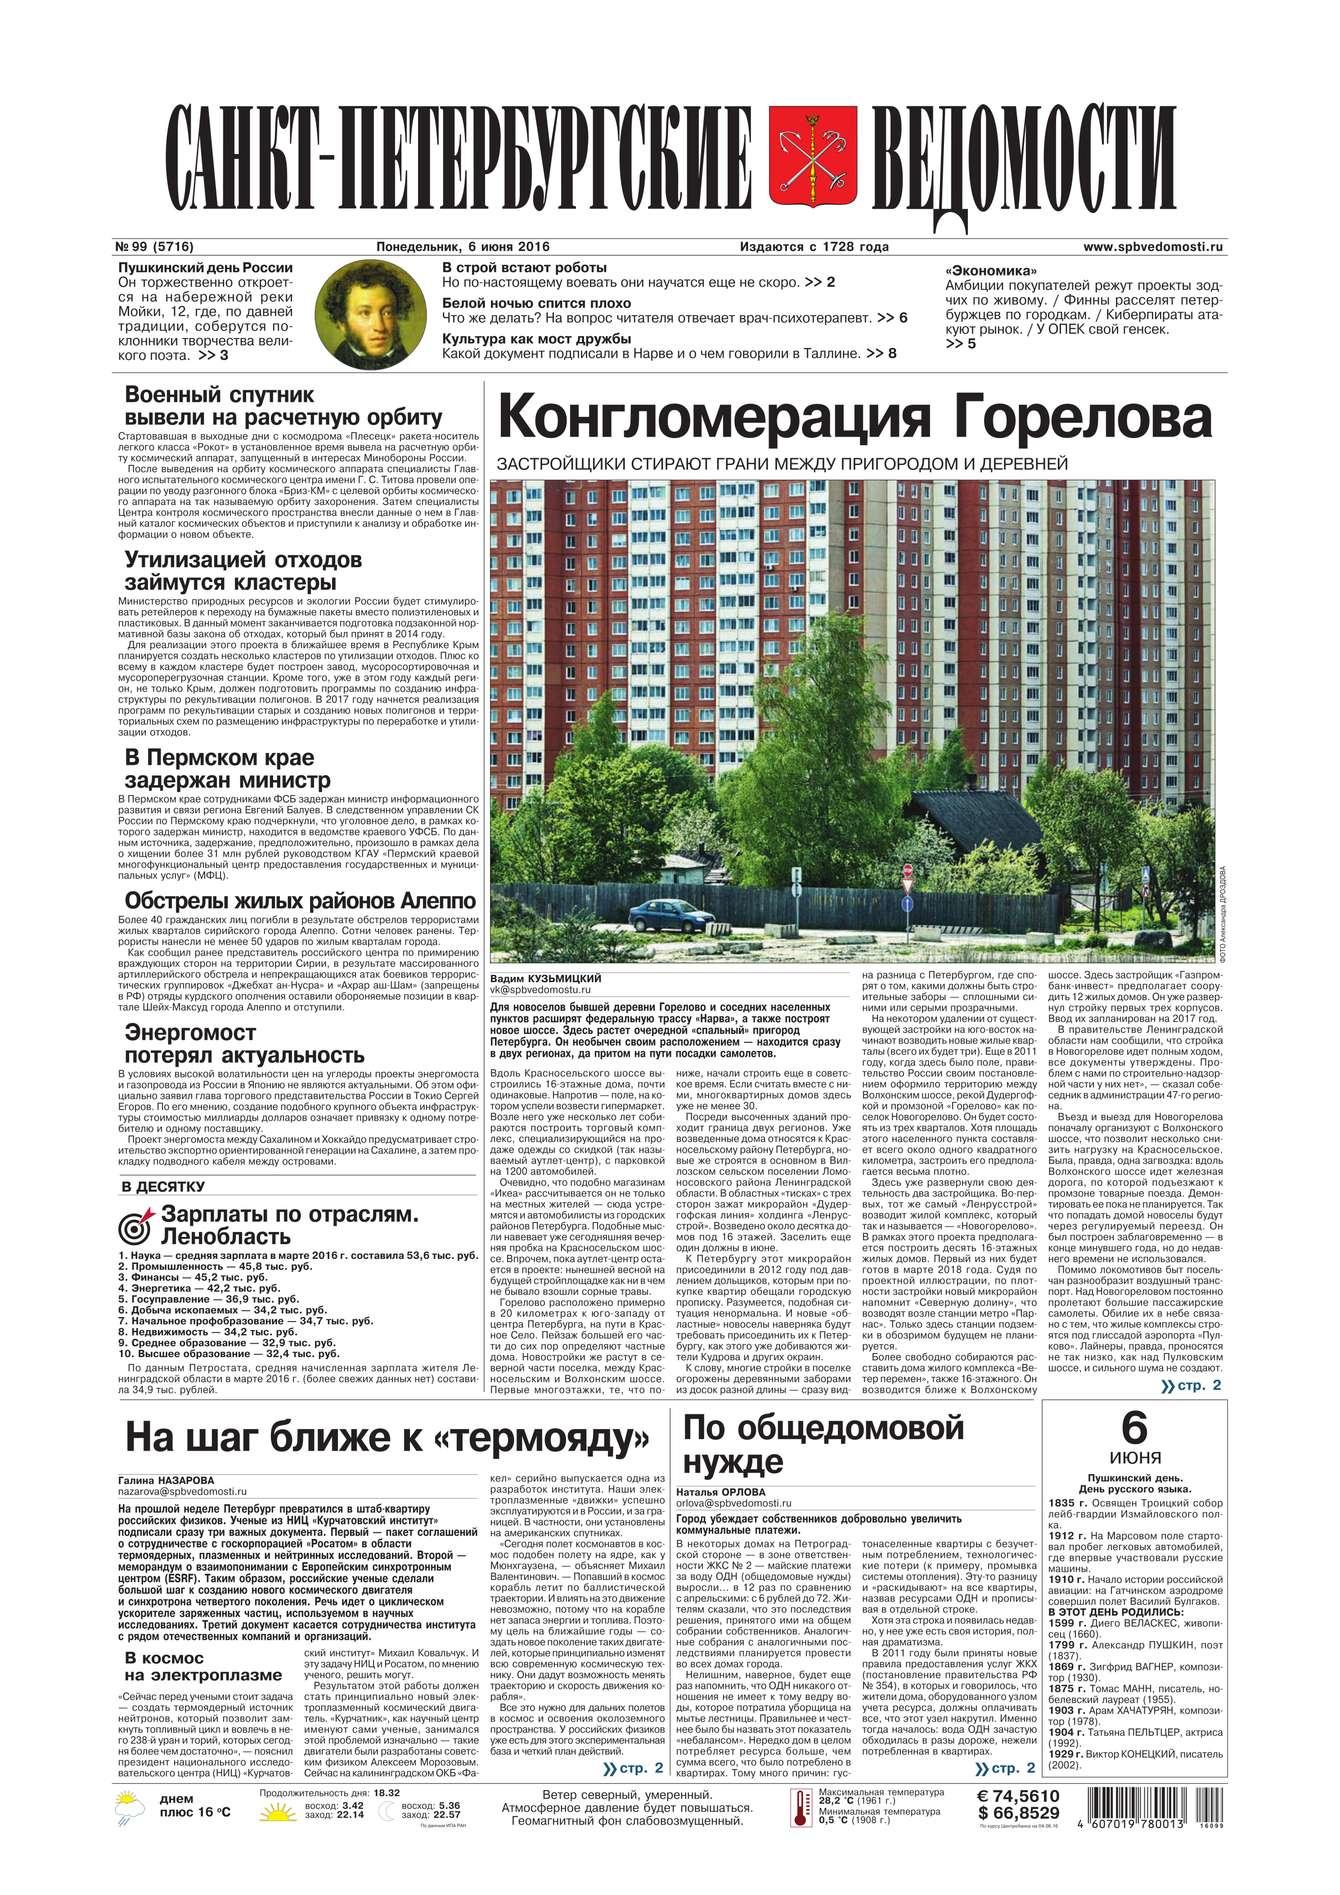 Санкт-Петербургские ведомости 99-2016